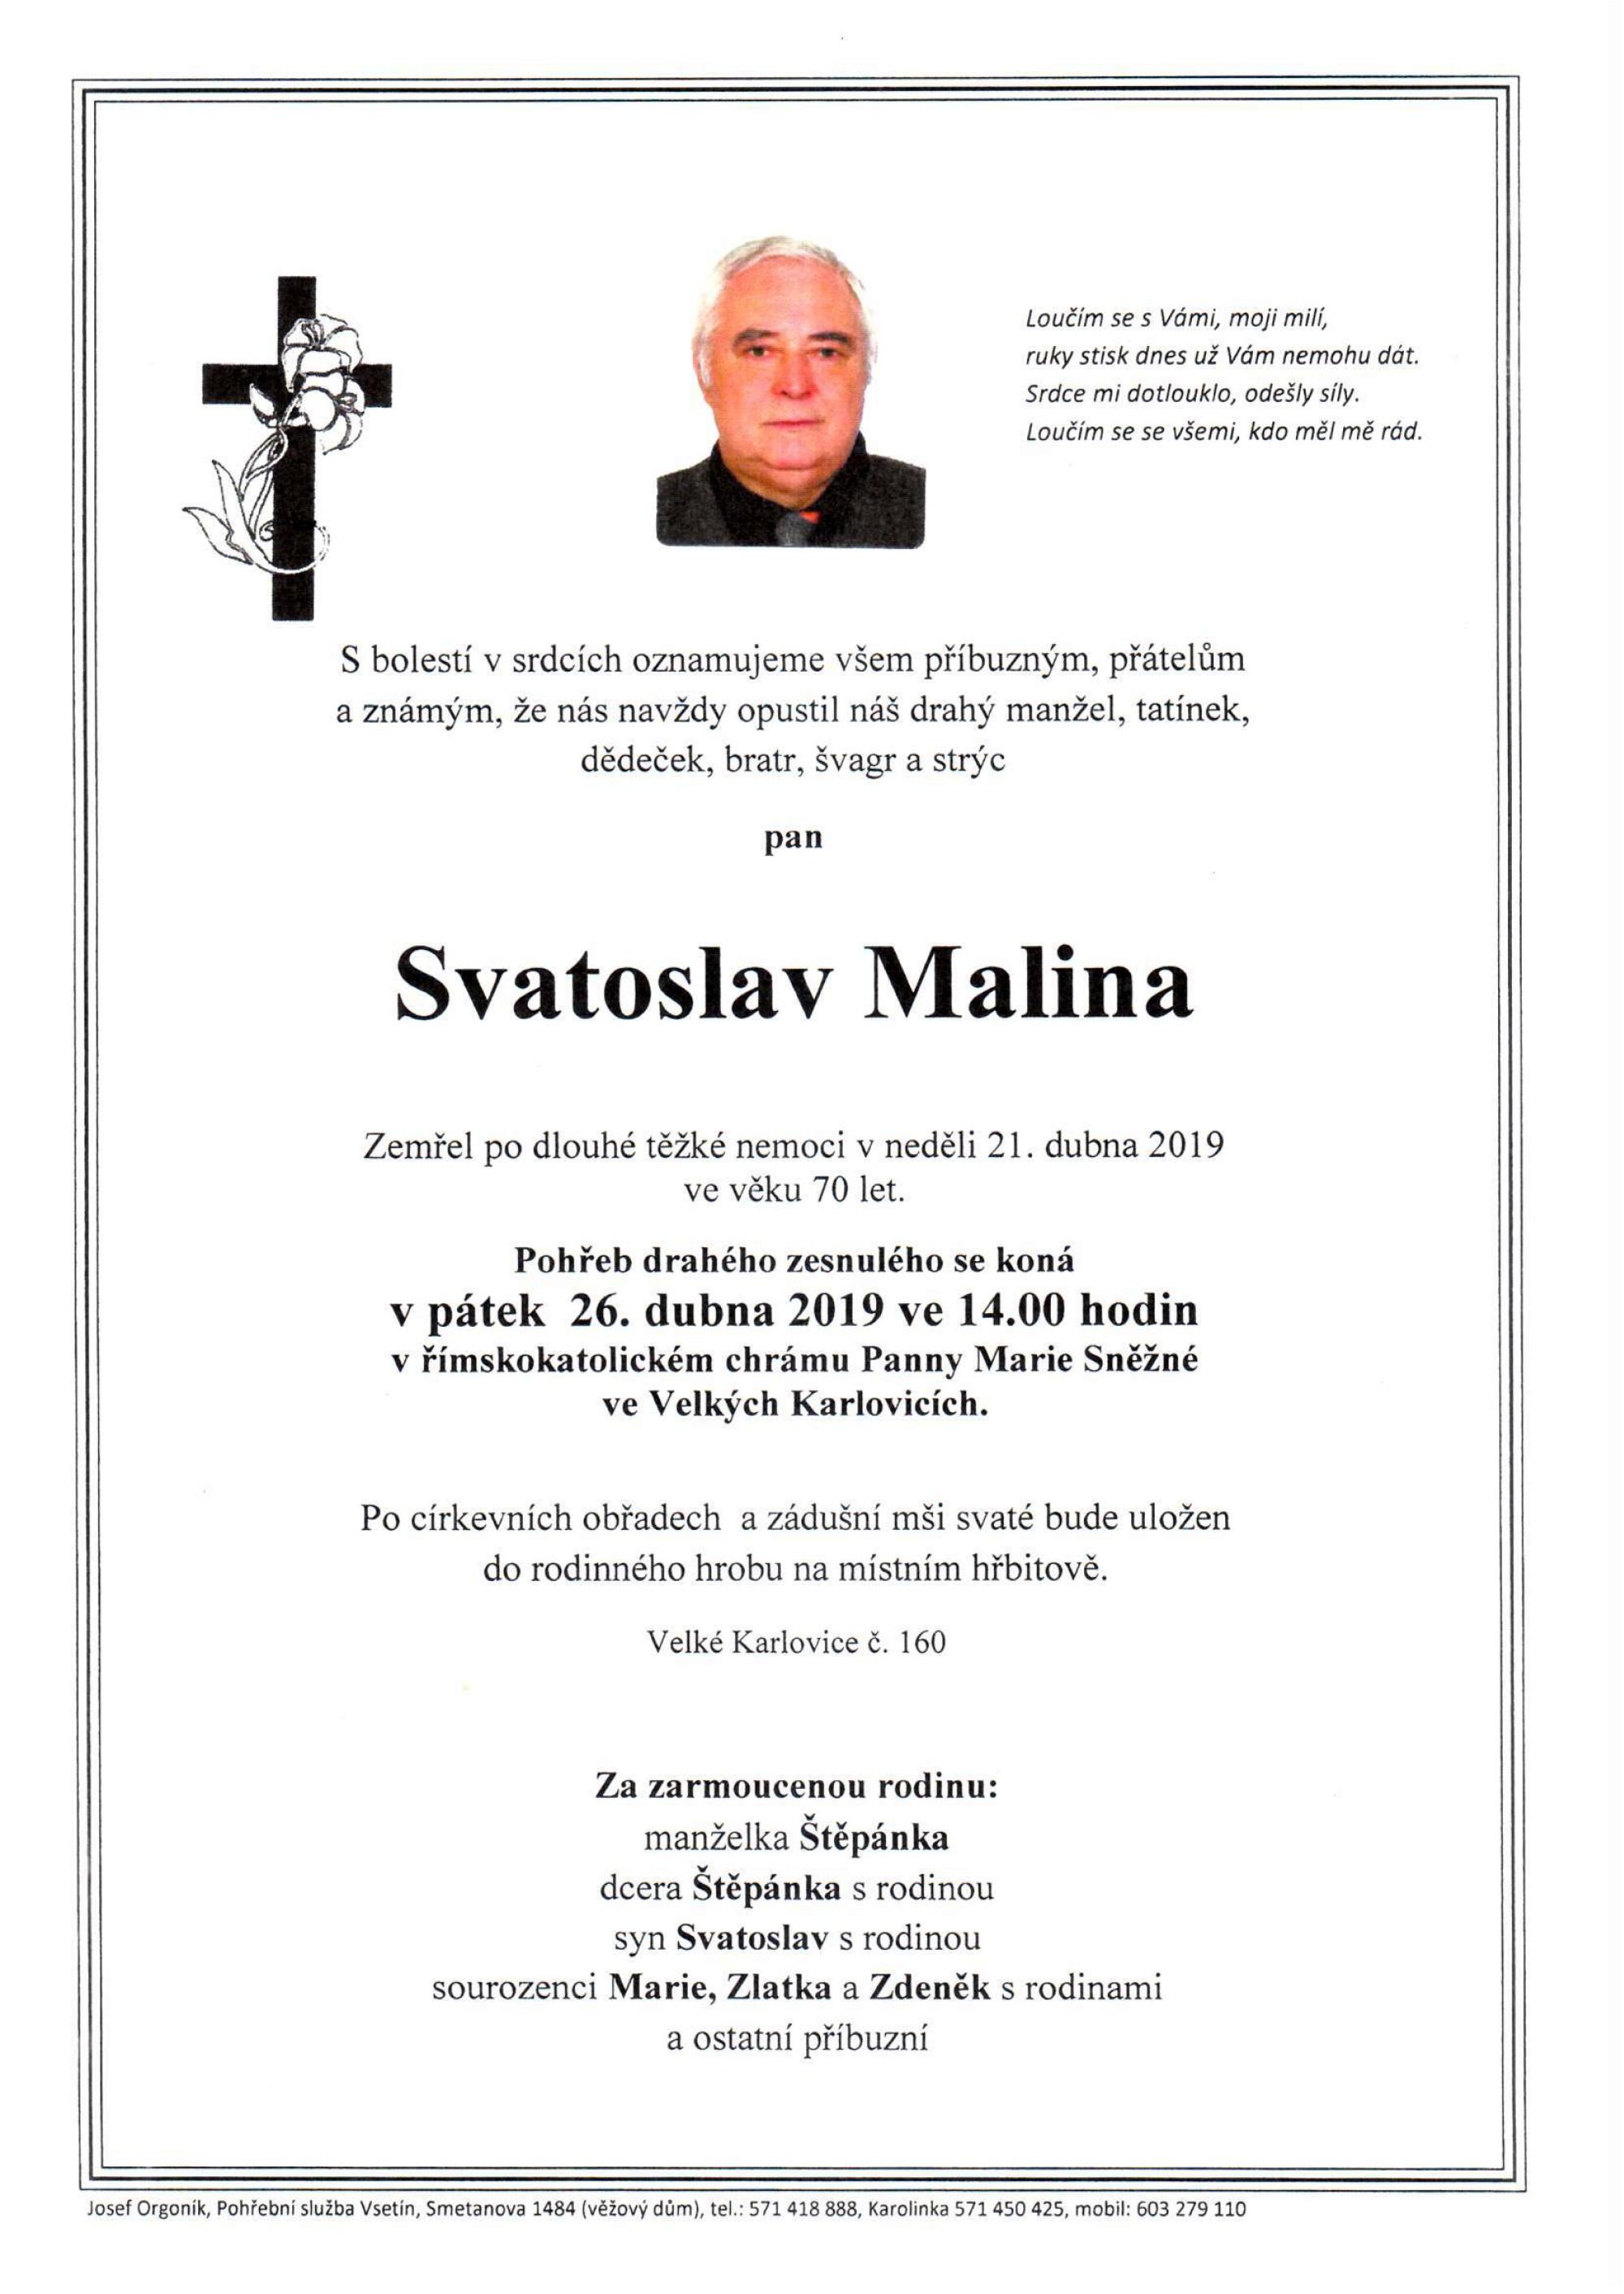 Svatoslav Malina